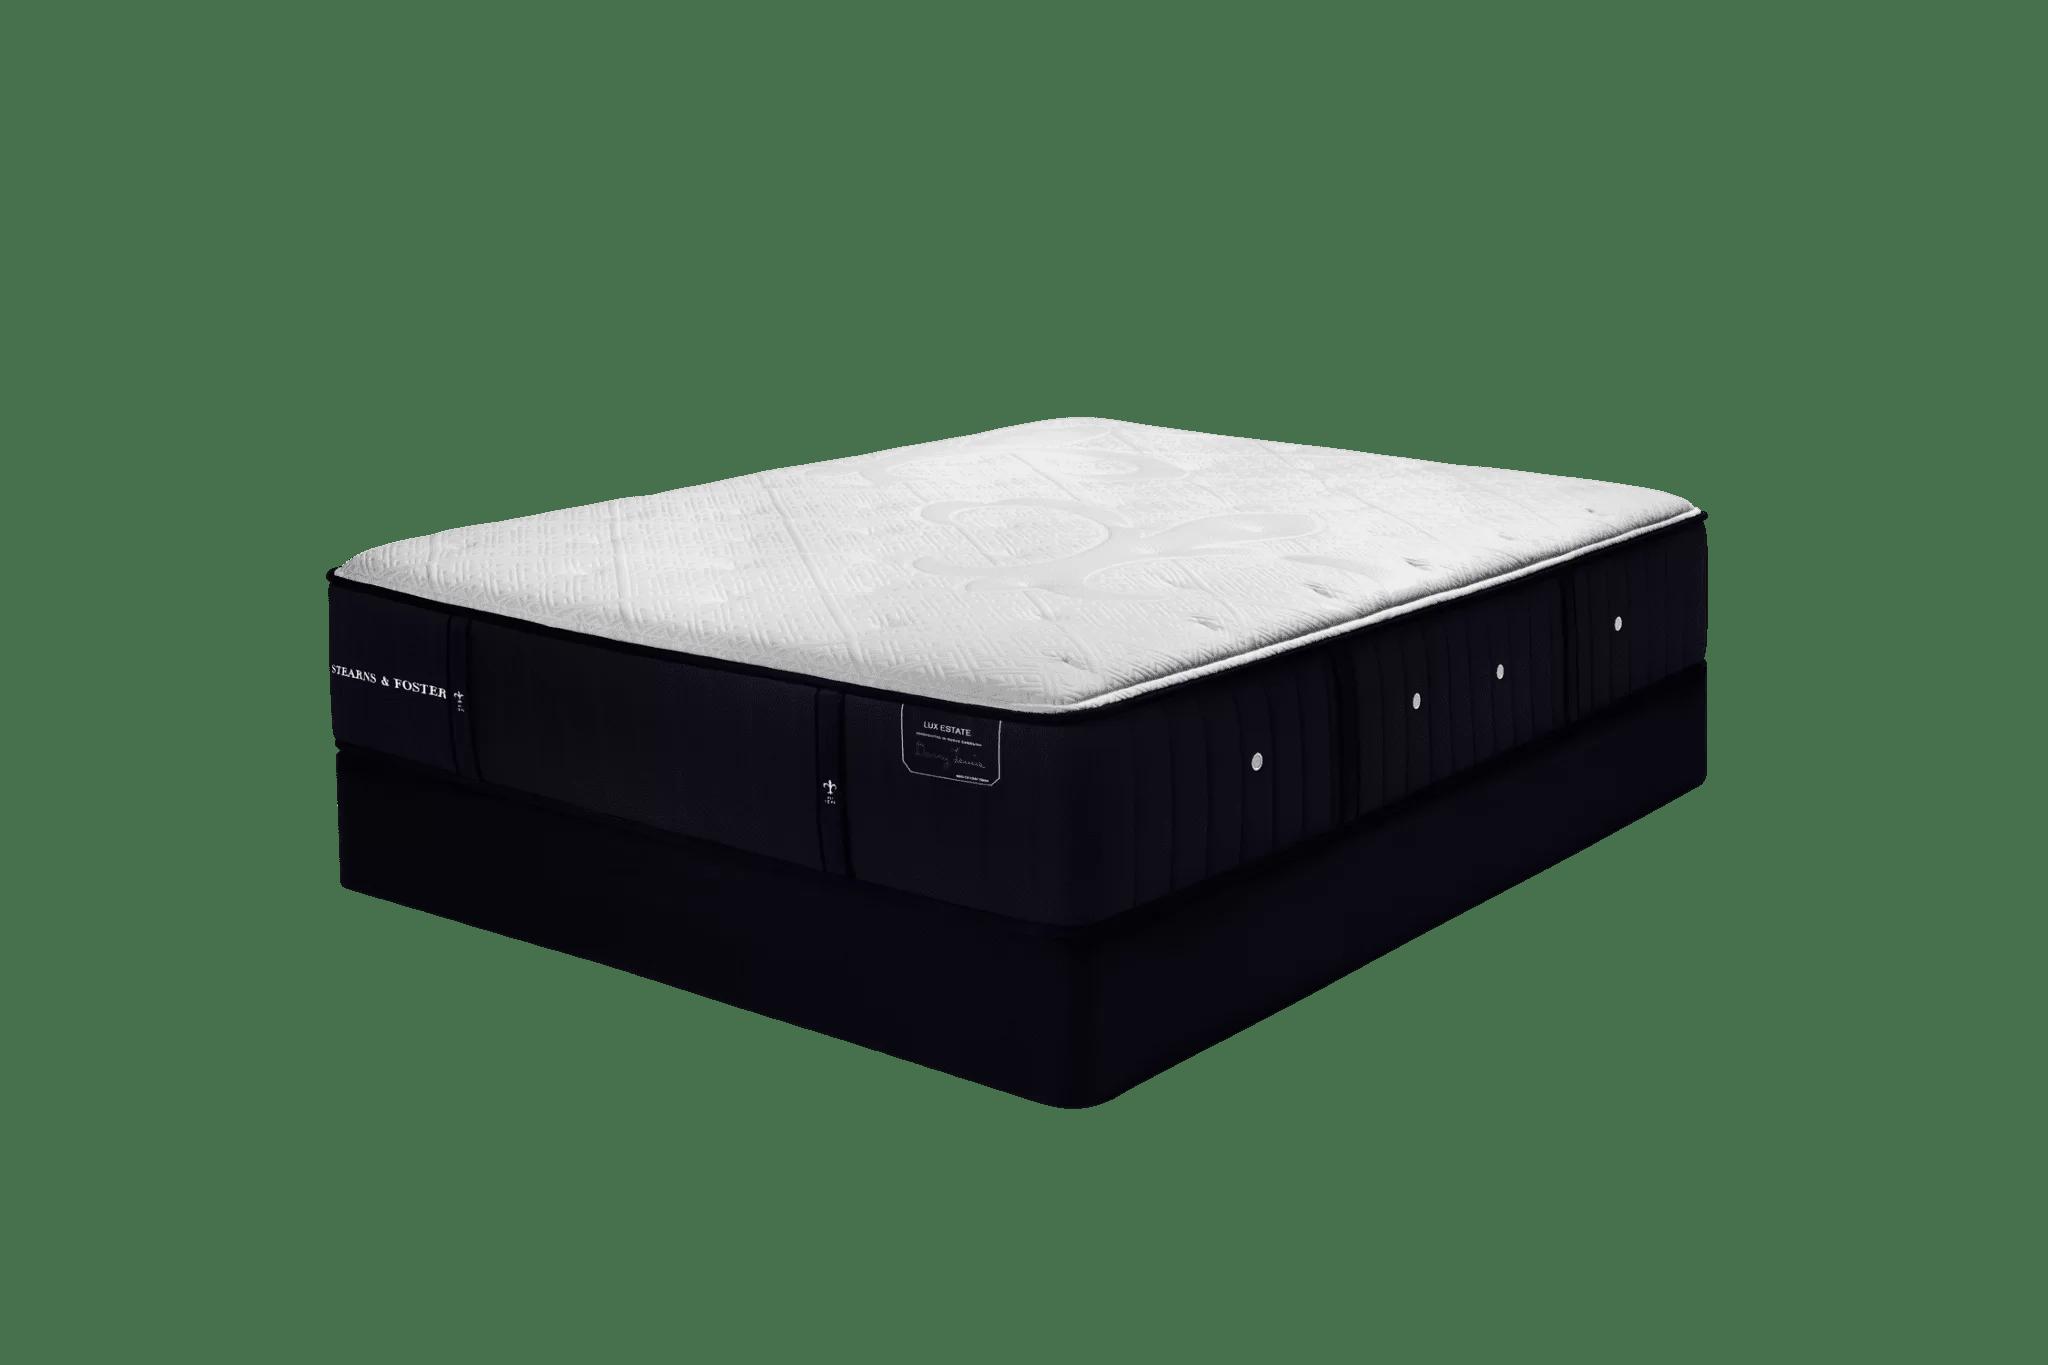 stearns and foster cassatt ultra firm mattress